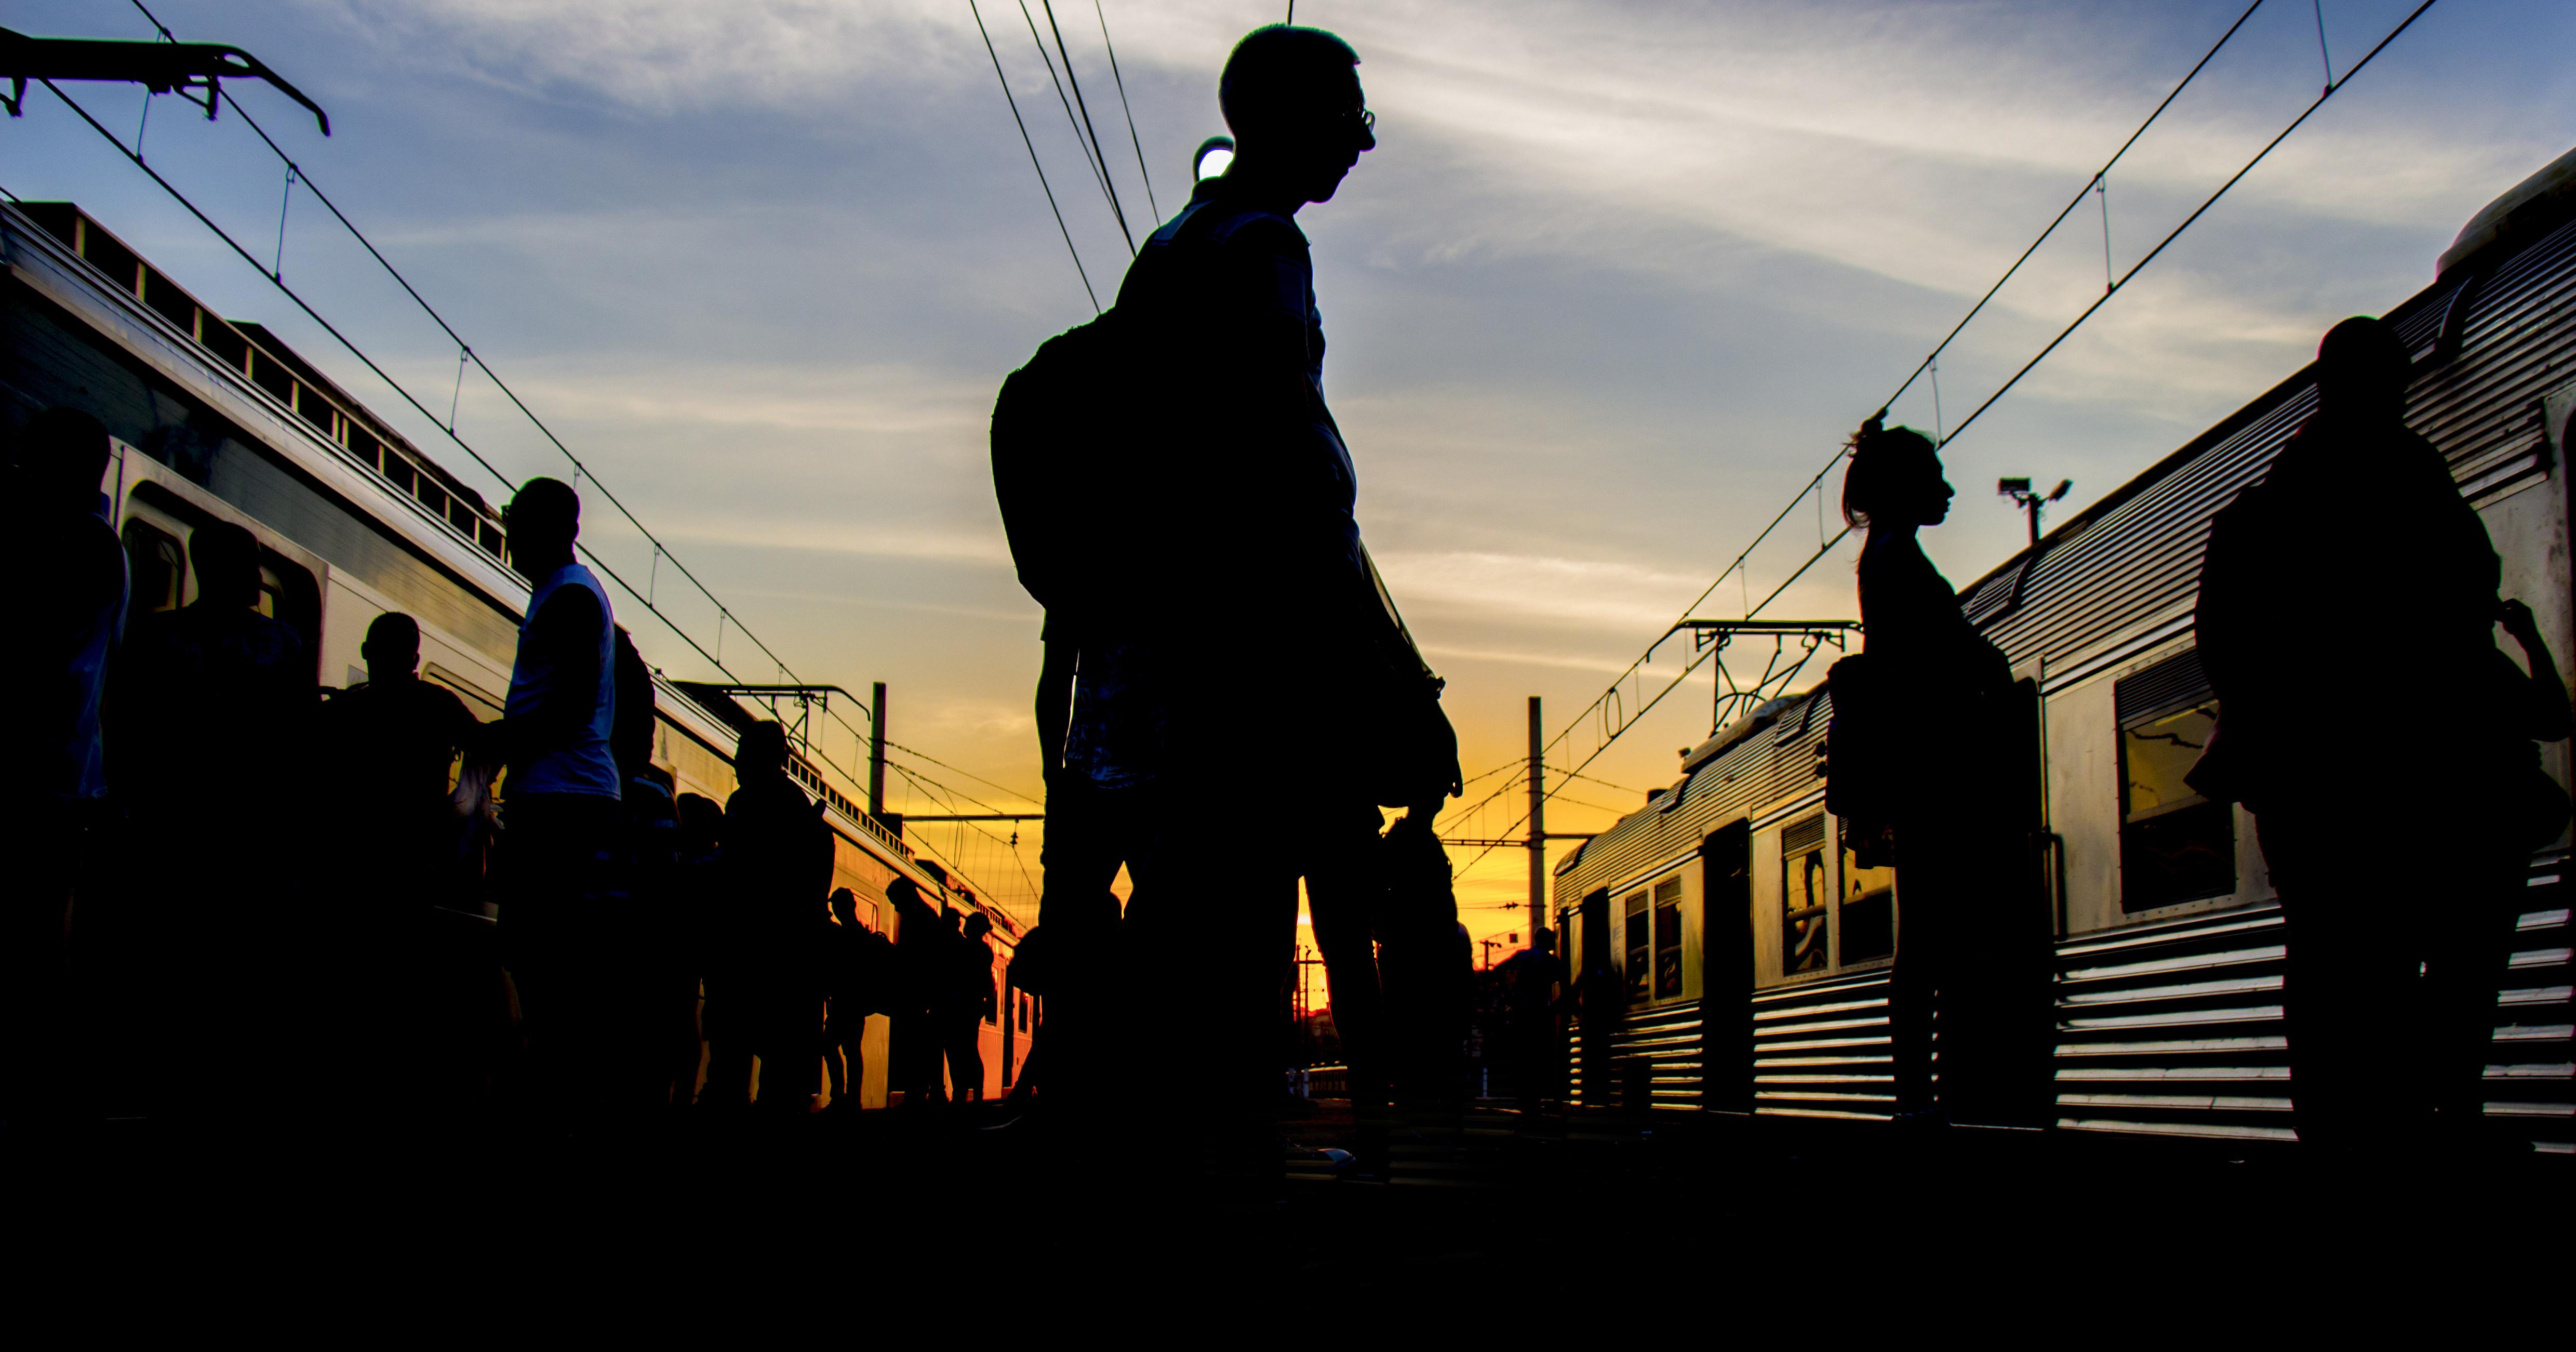 Passageiros na estação de trem Central do Brasil. Rio de Janeiro, 19/10/2017